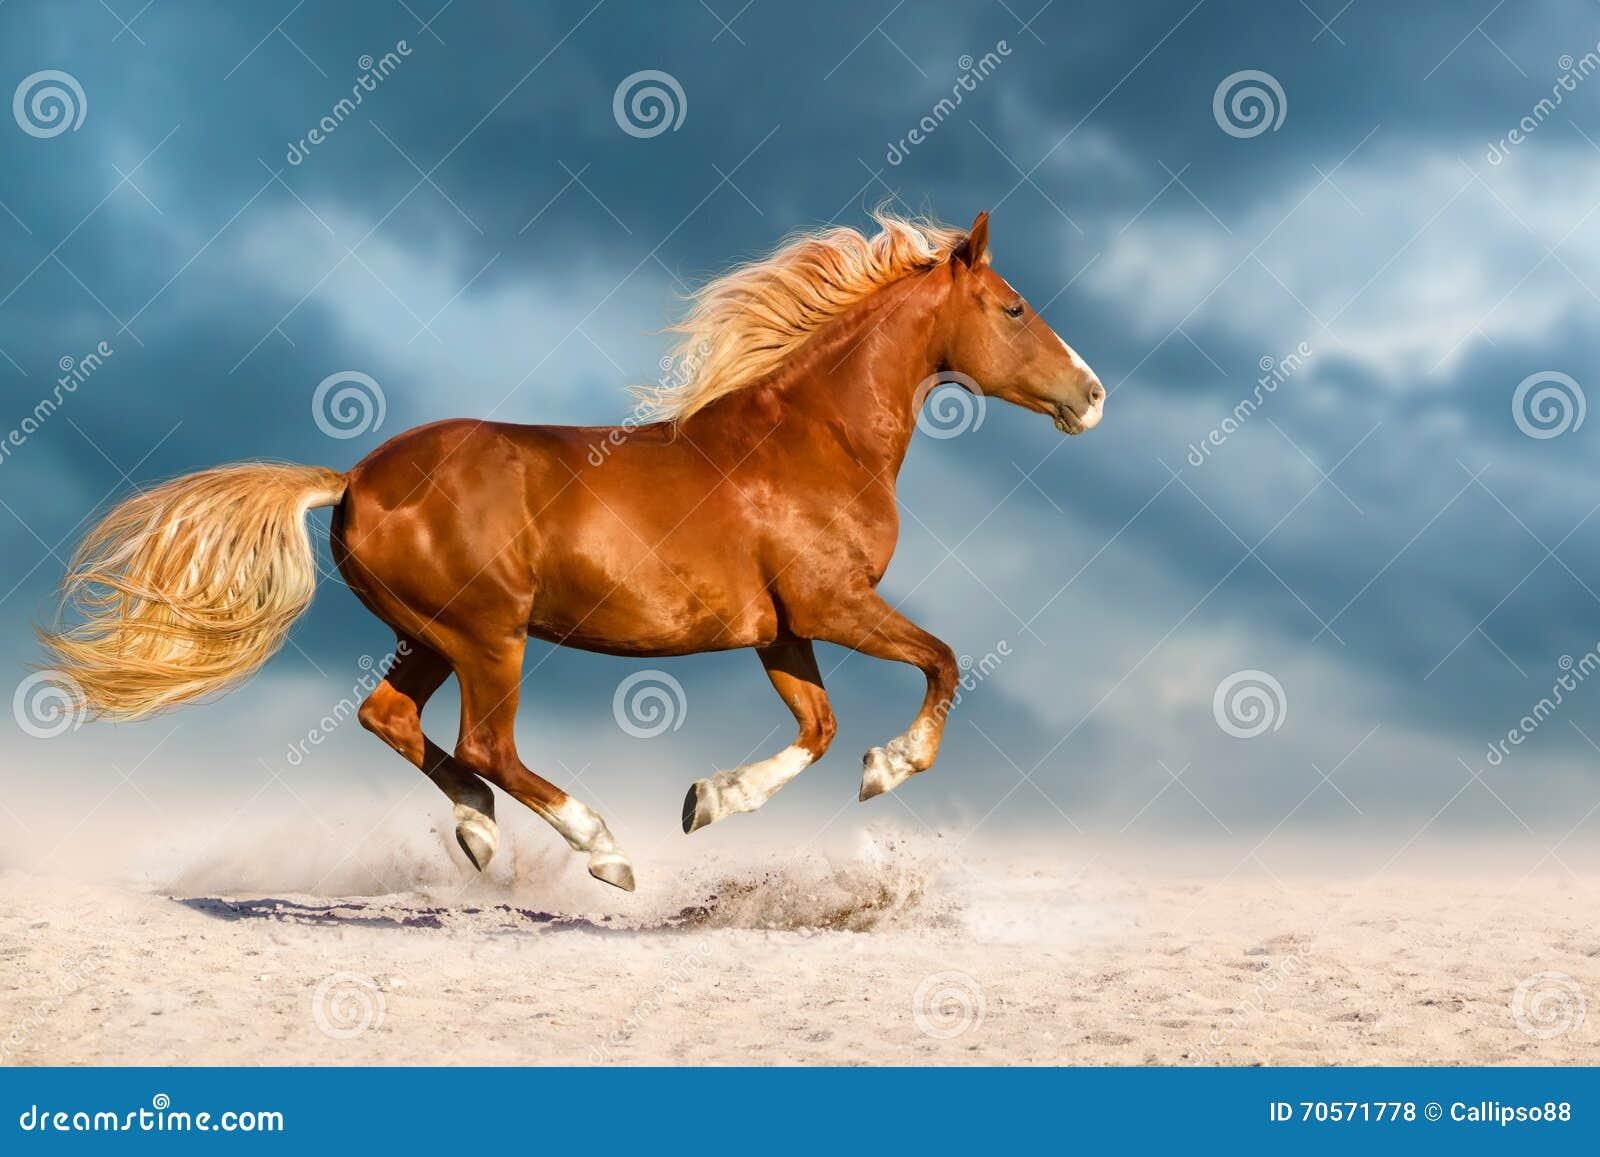 Red horse run in desert